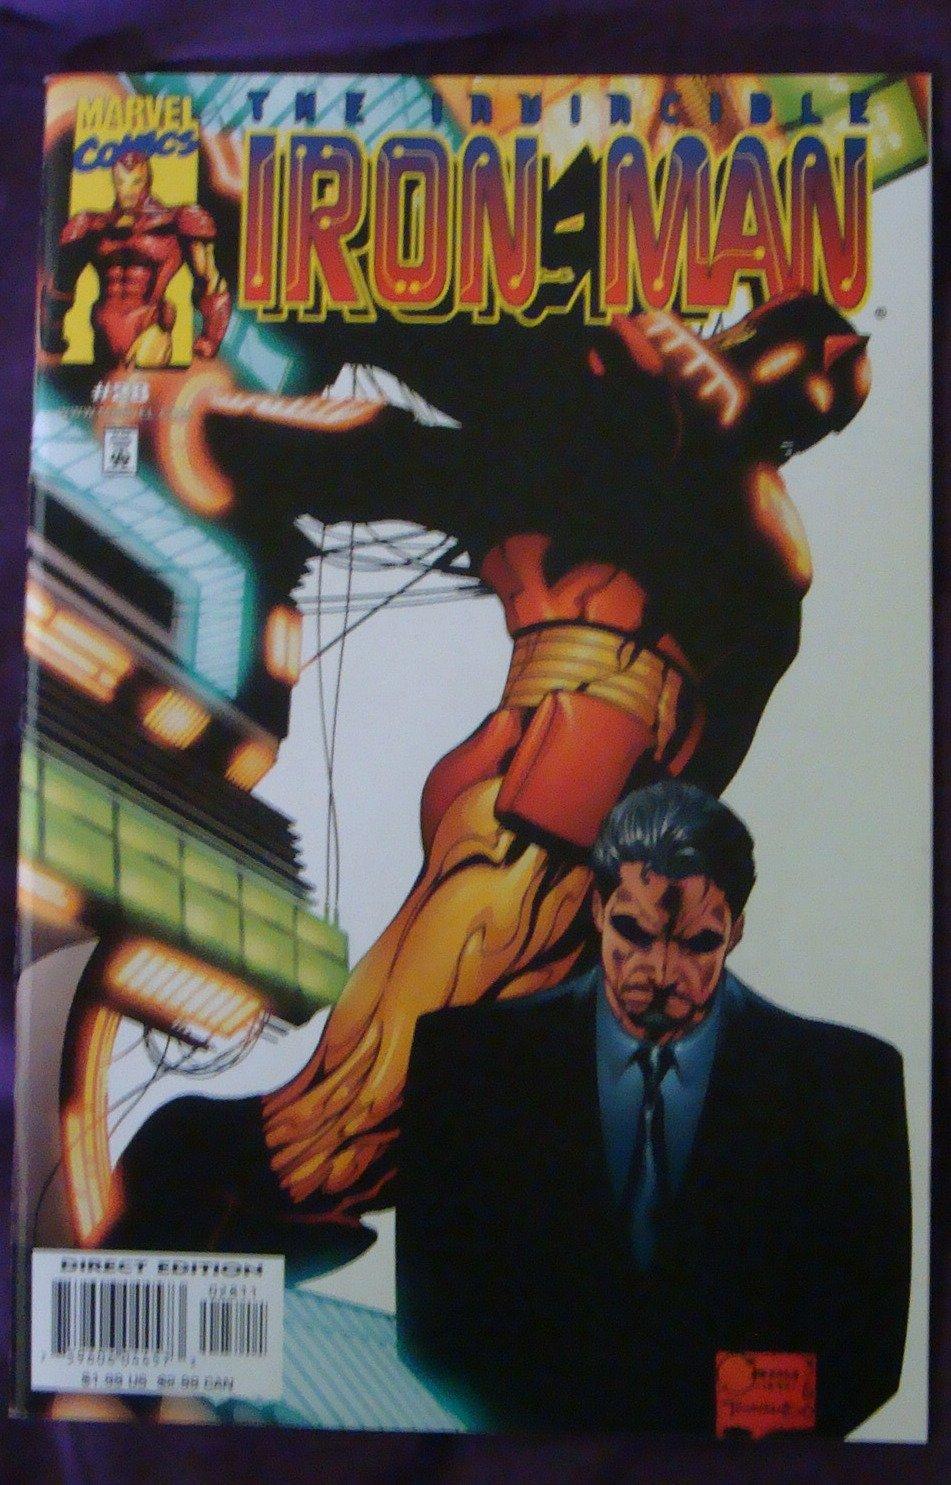 The Invincible Iron Man #28 (The Invincible Iron Man, Vol. 3, No. 28) ebook